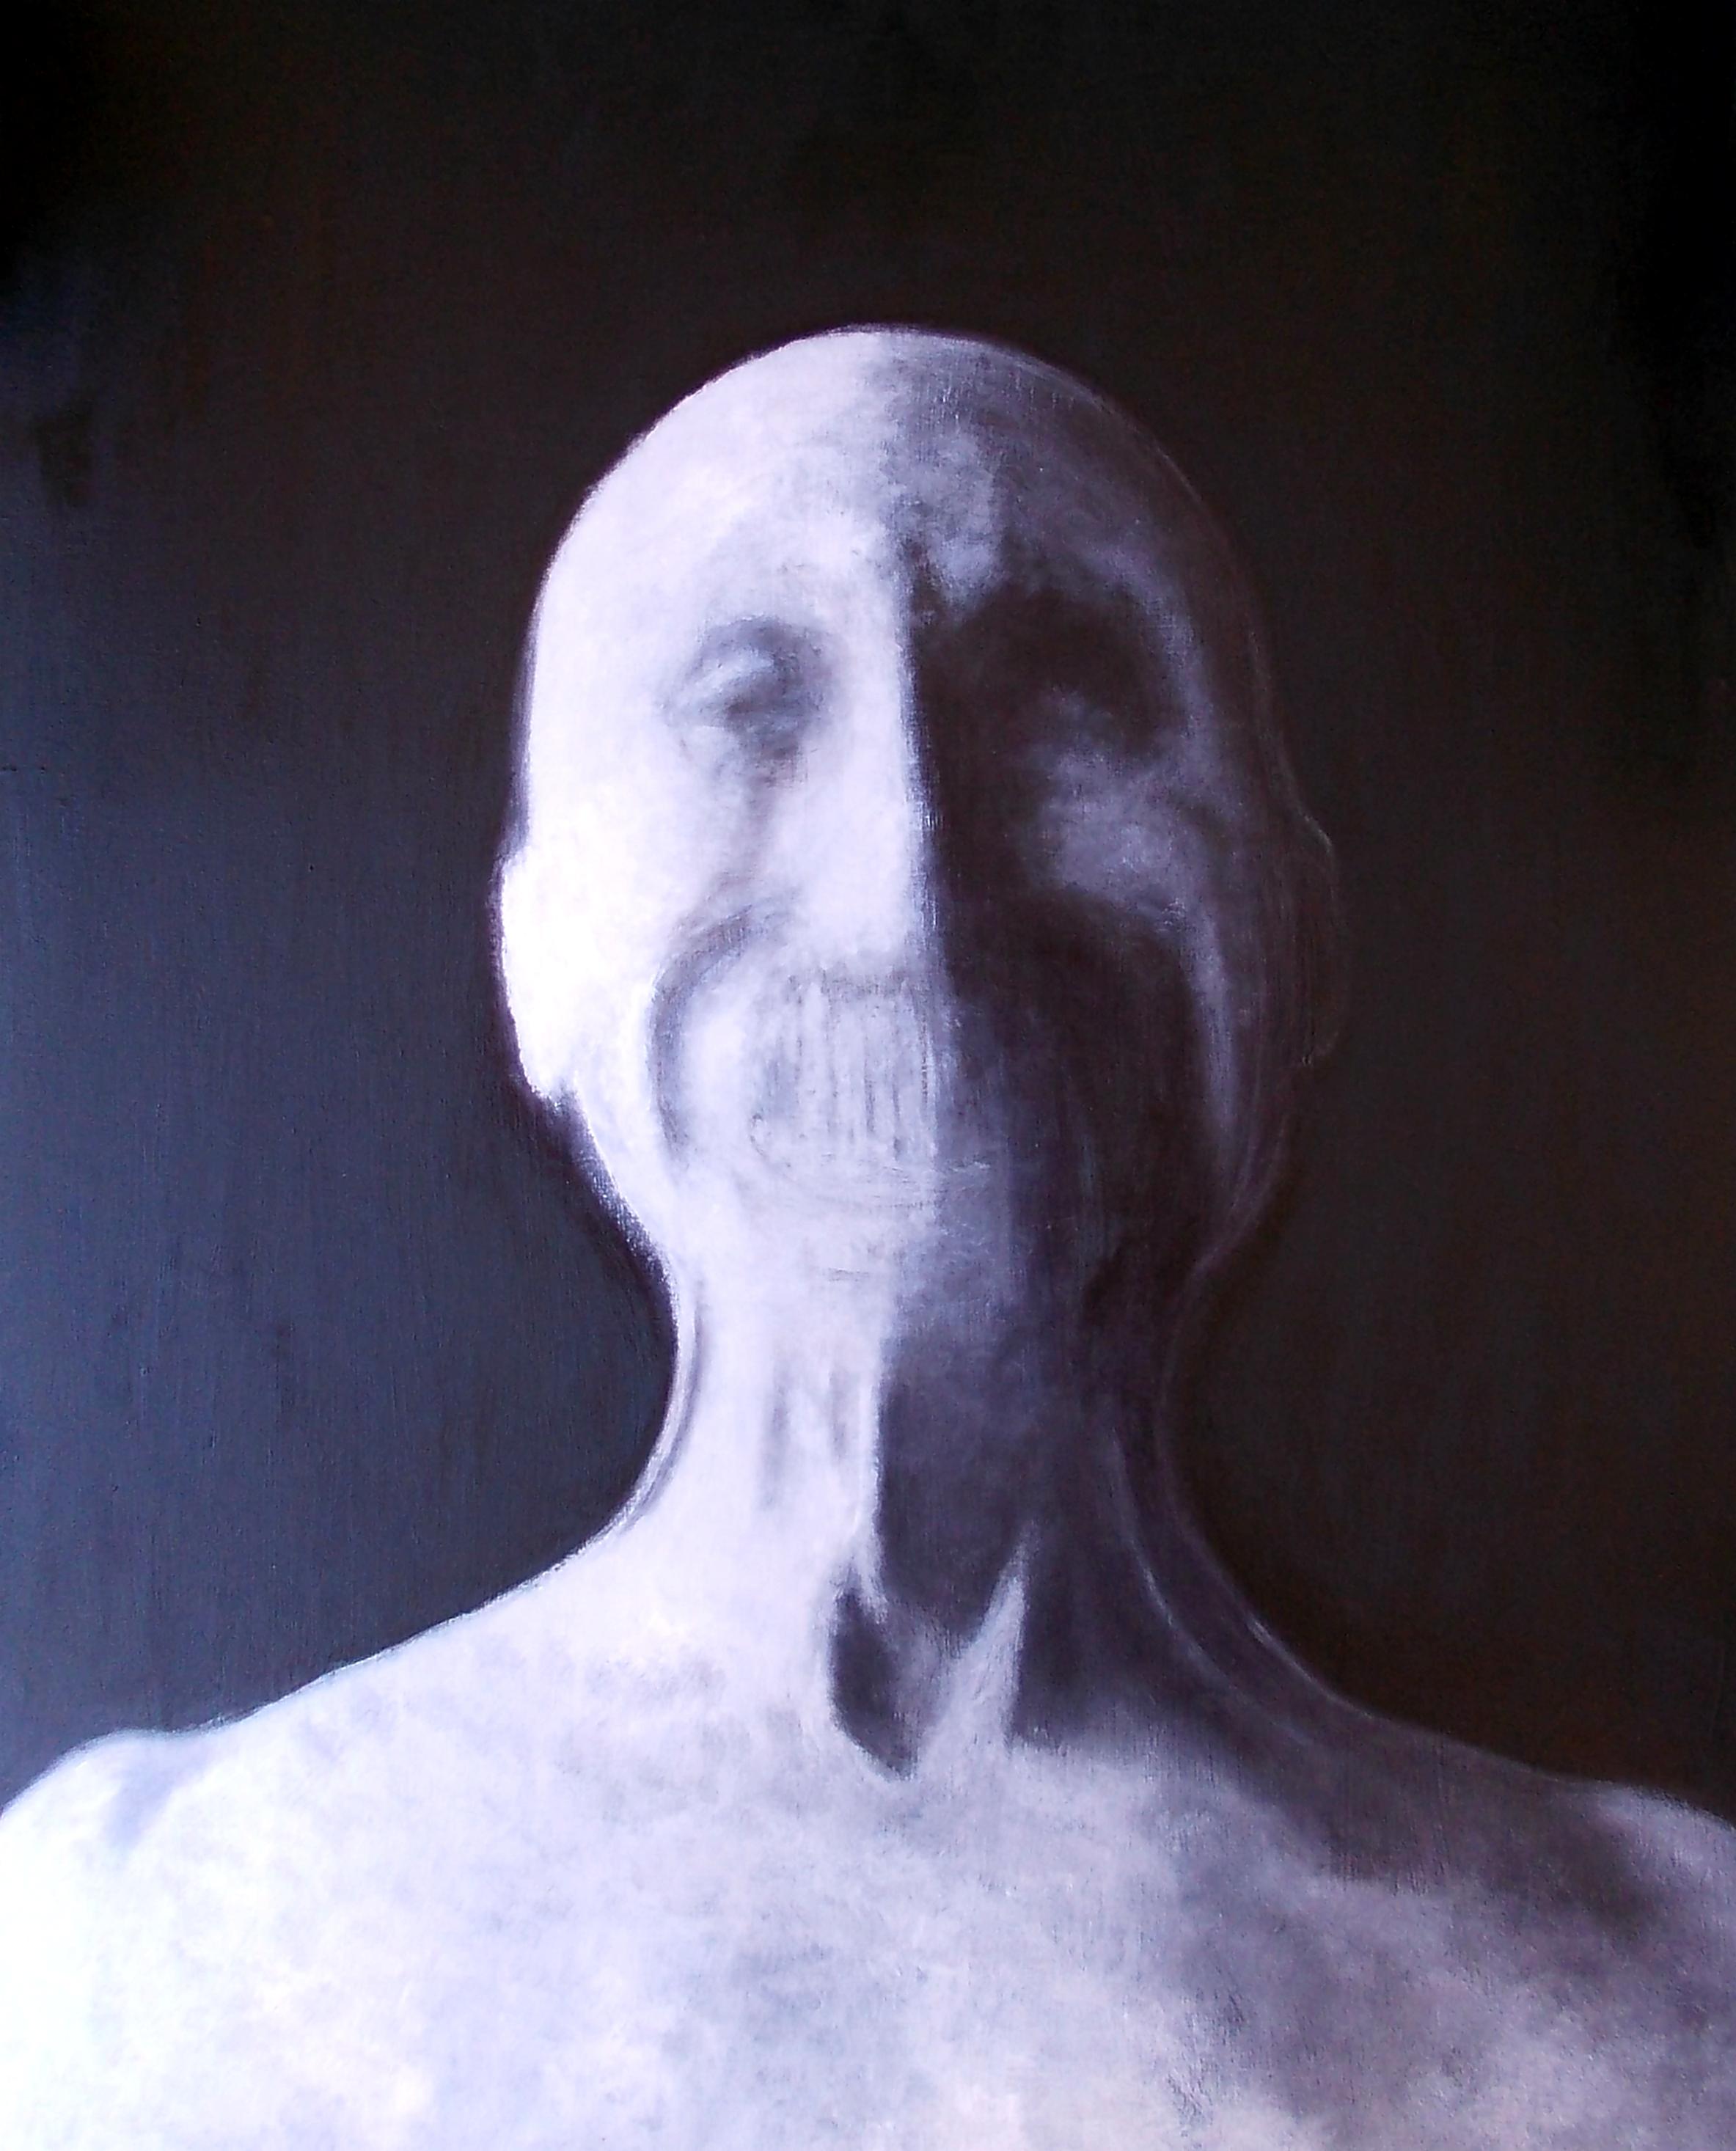 Organoid # 7 - The Cheesy Man